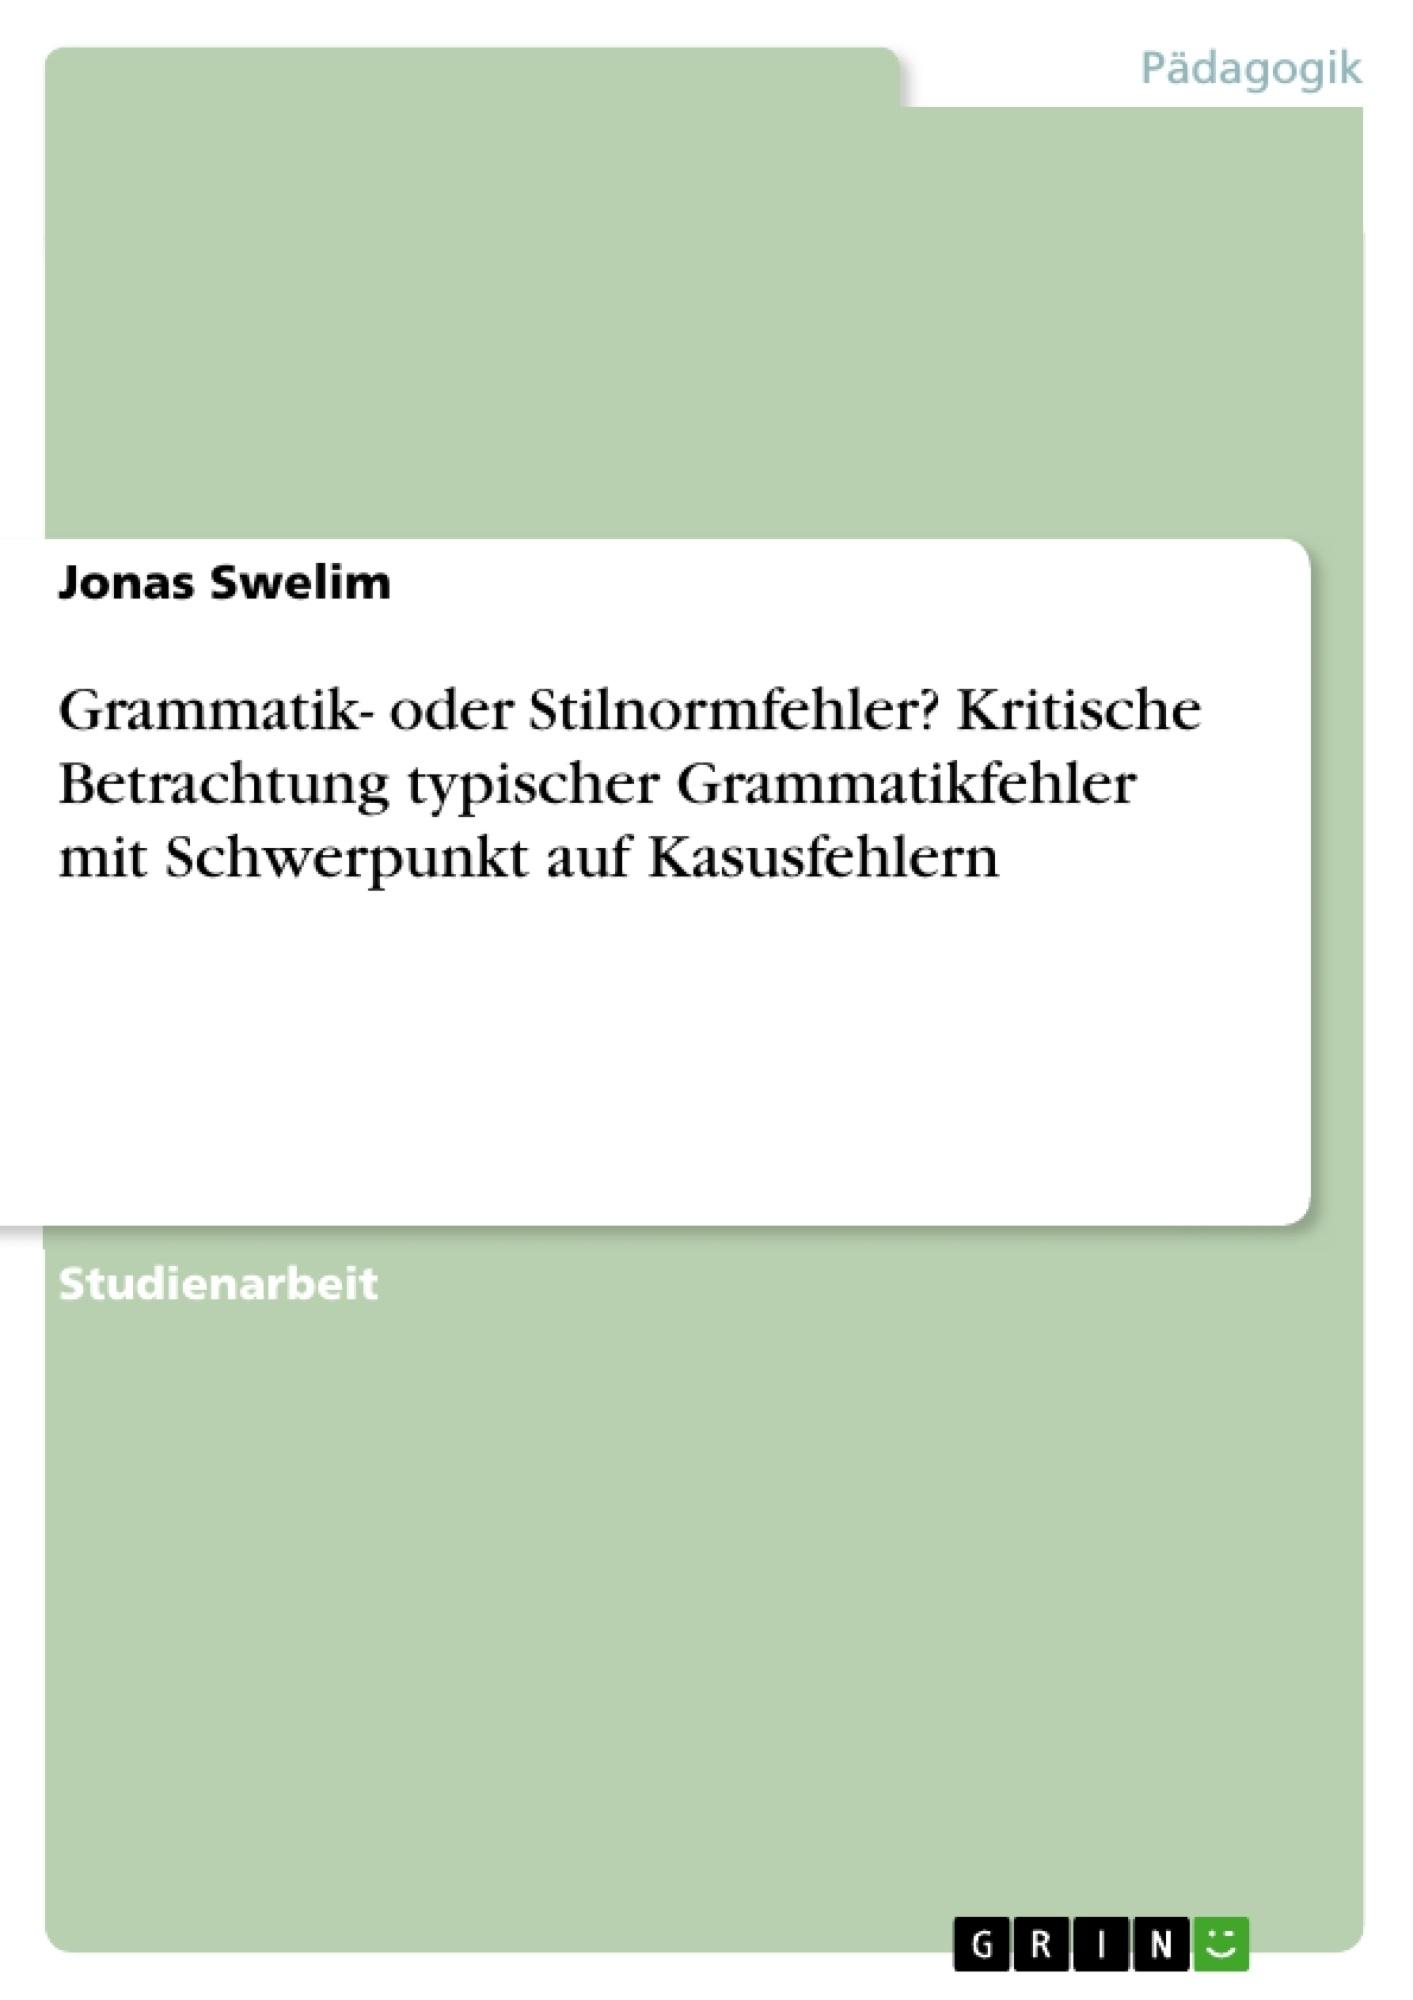 Titel: Grammatik- oder Stilnormfehler? Kritische Betrachtung typischer Grammatikfehler mit Schwerpunkt auf Kasusfehlern